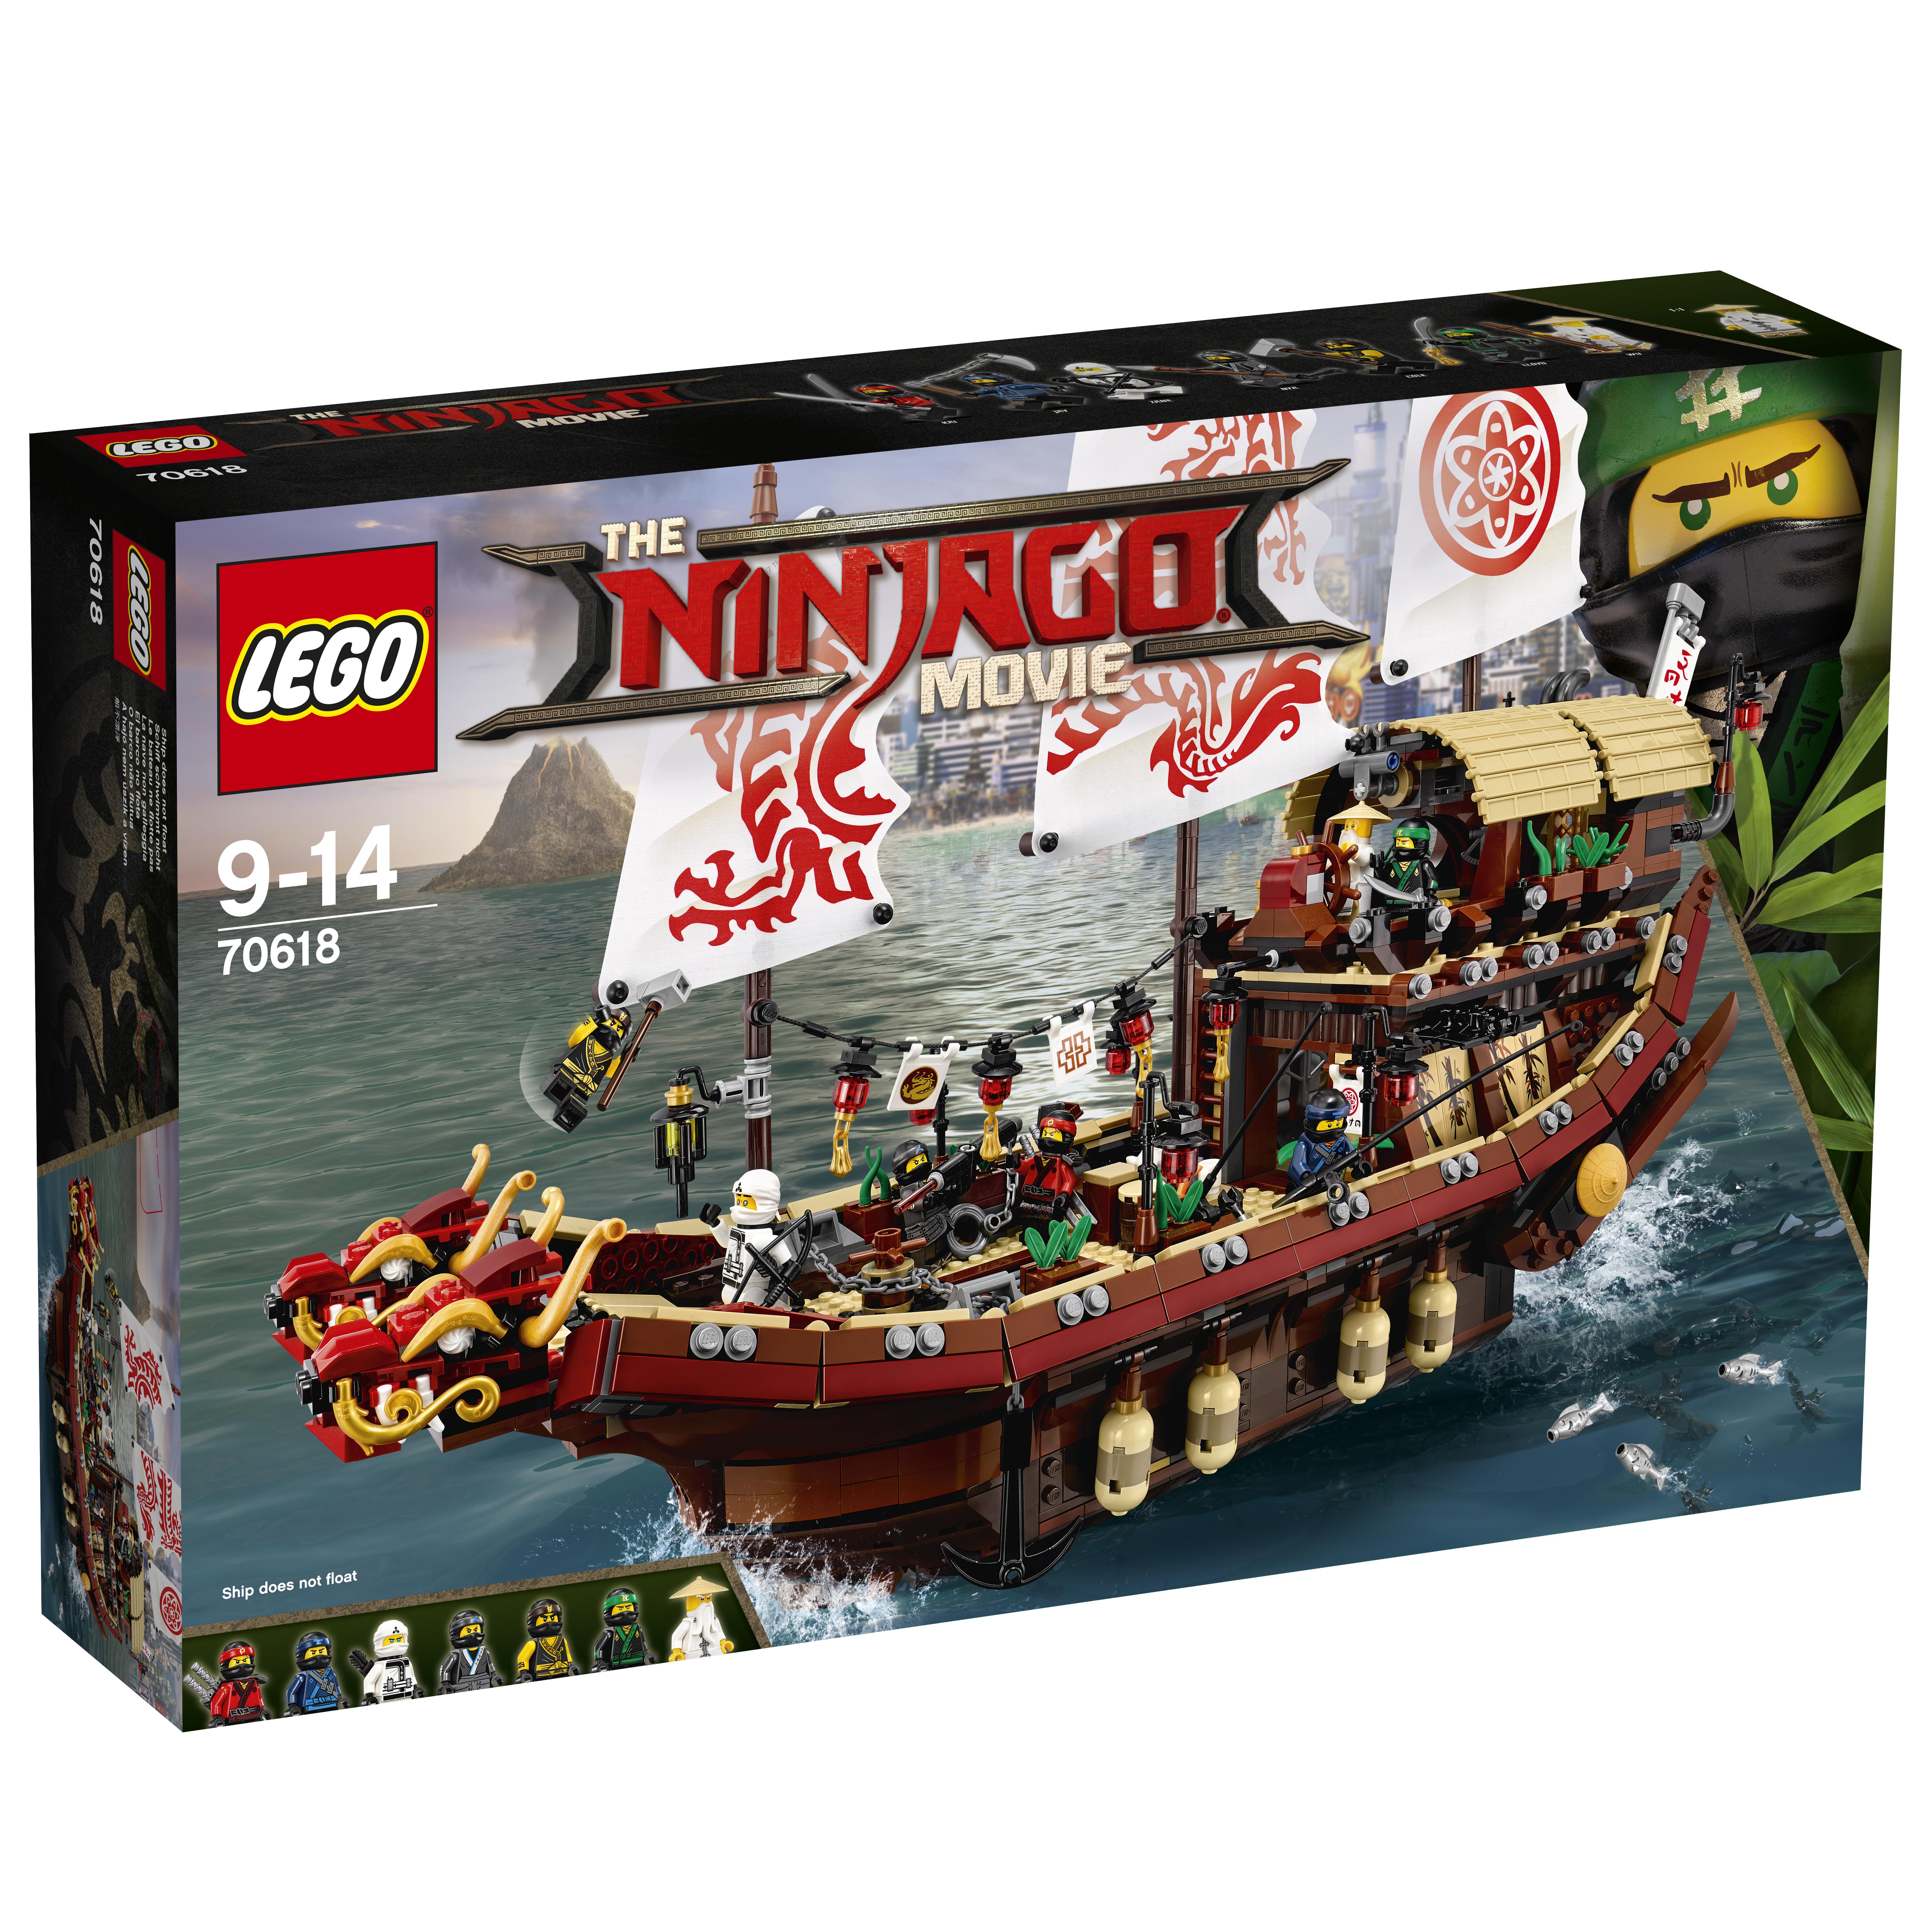 Конструктор LEGO LEGO Ninjago 70618 Летающий корабль Мастера Ву конструктор lepin ninjag летающий корабль мастера ву 2455 дет 06057